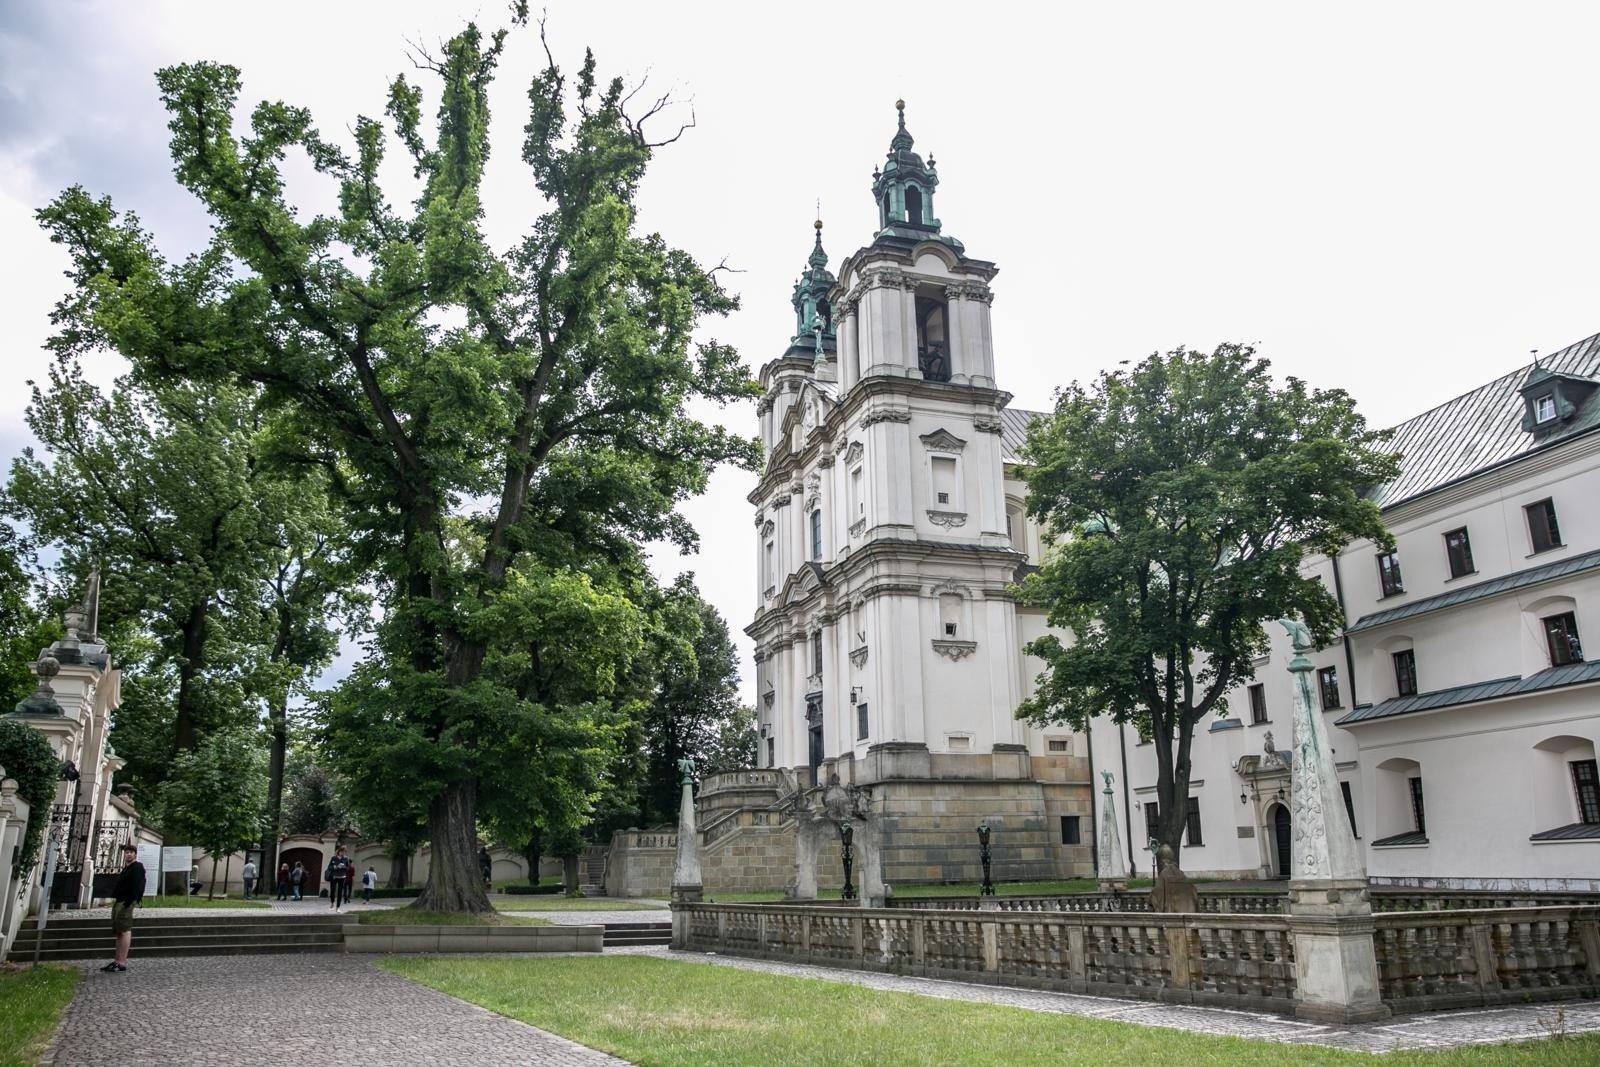 Krakow Procesja Na Skalke Po Mocno Zmienionej Trasie Wszystko